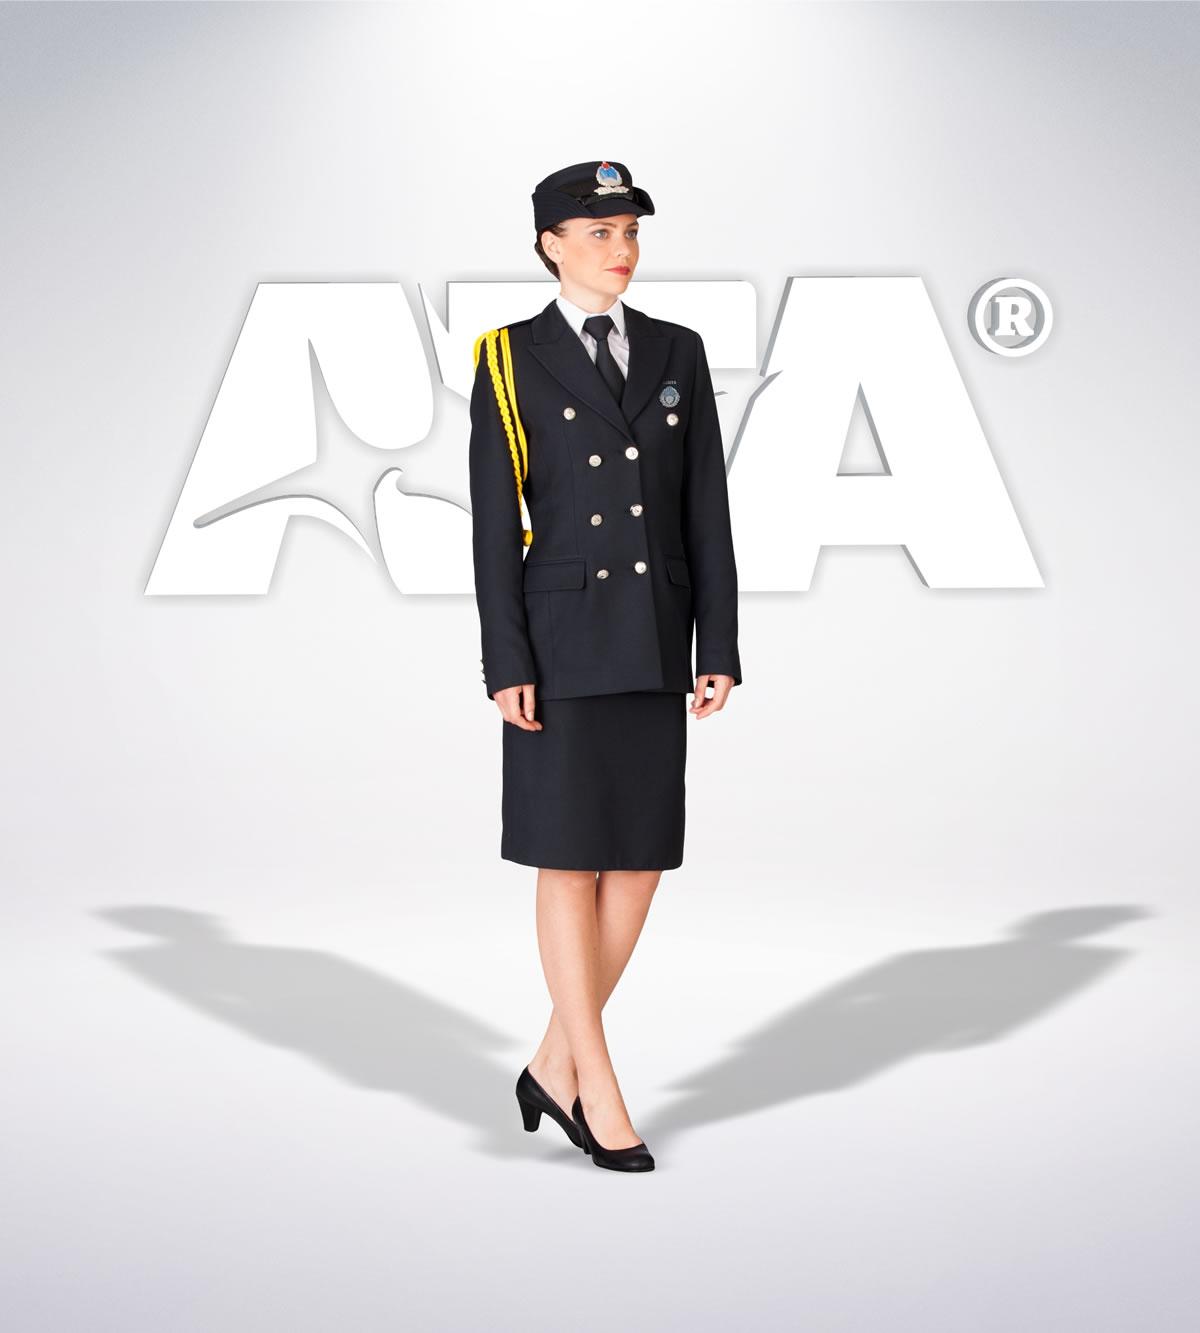 ATA 200 - Zabıta tören takımı - zabıta elbiseleri | zabıta üniformaları | zabıta kıyafetleri